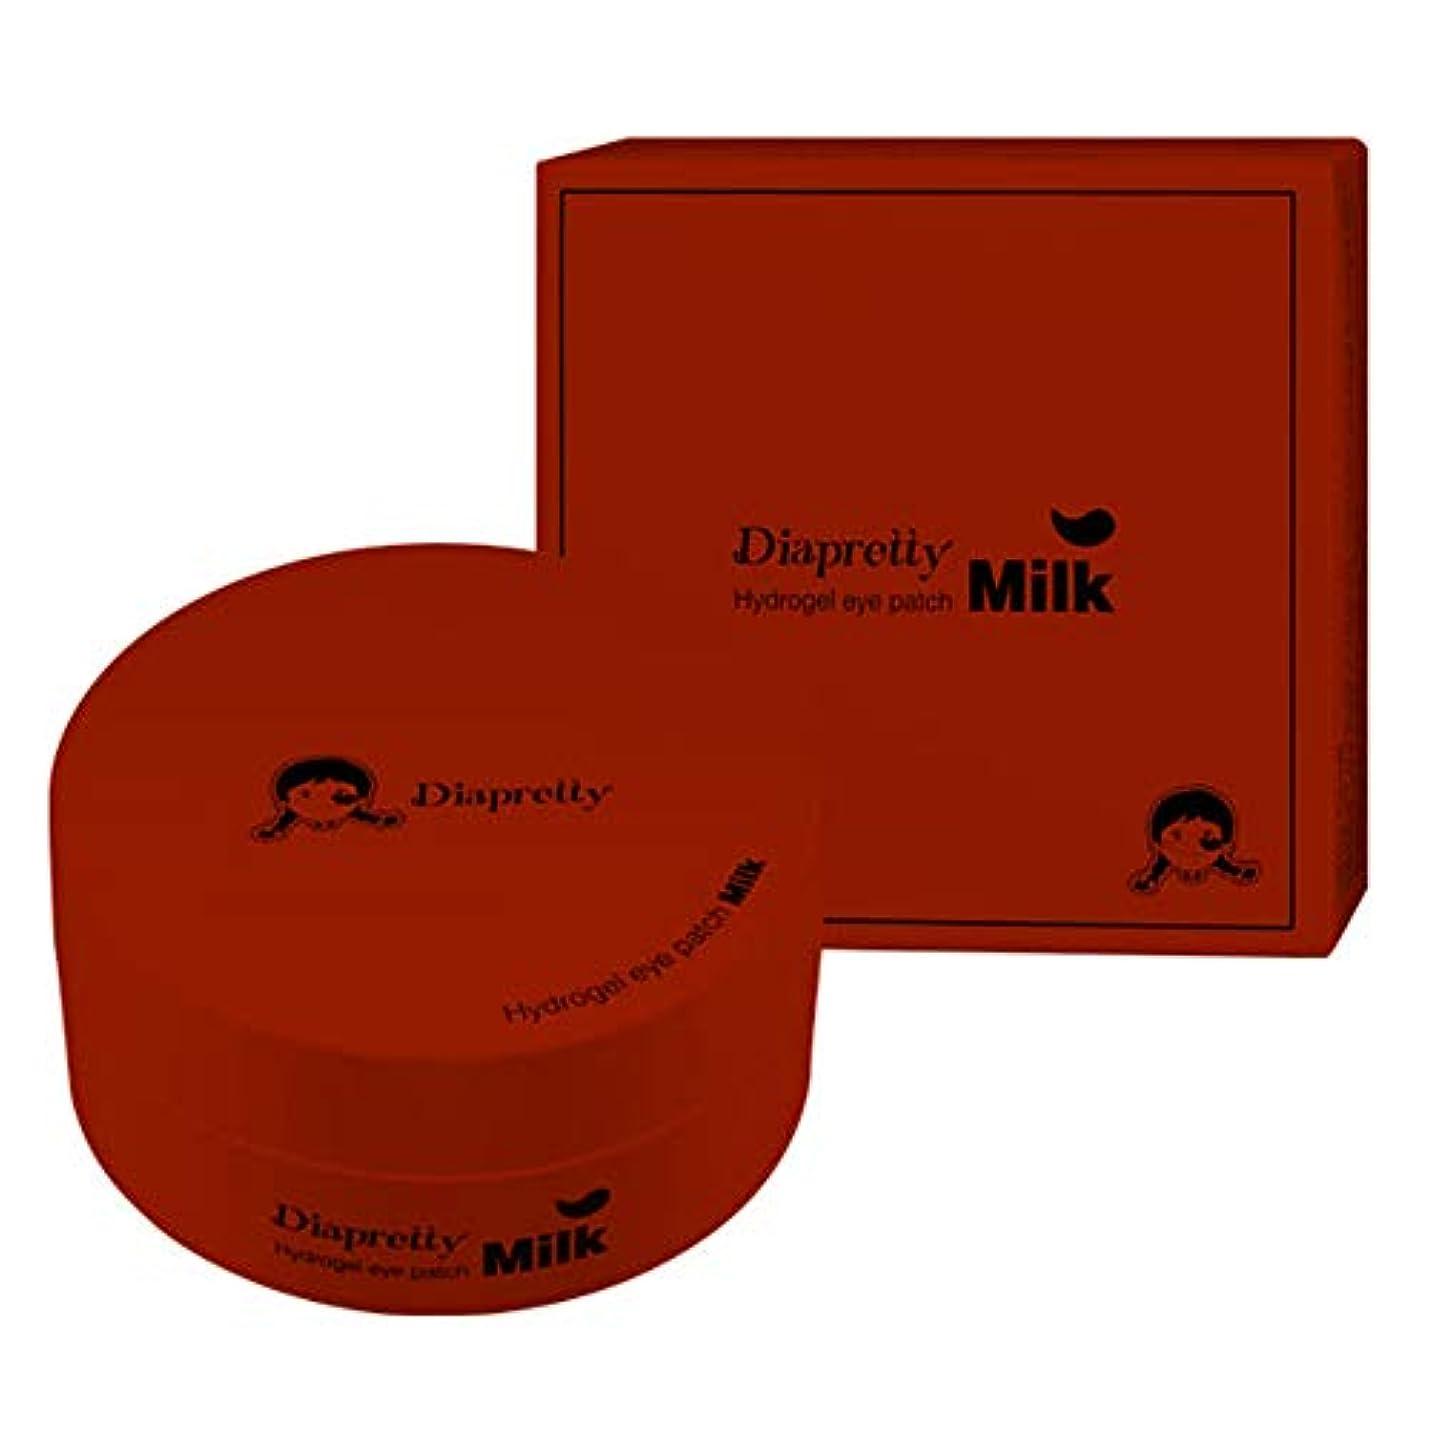 仲人こだわりはさみ[ダイアプリティ] ハイドロゲルア イパッチ (Red Ginseng) 60枚, [Diapretty] Hydrogel Eyepatch(Red Ginseng) 60pieces